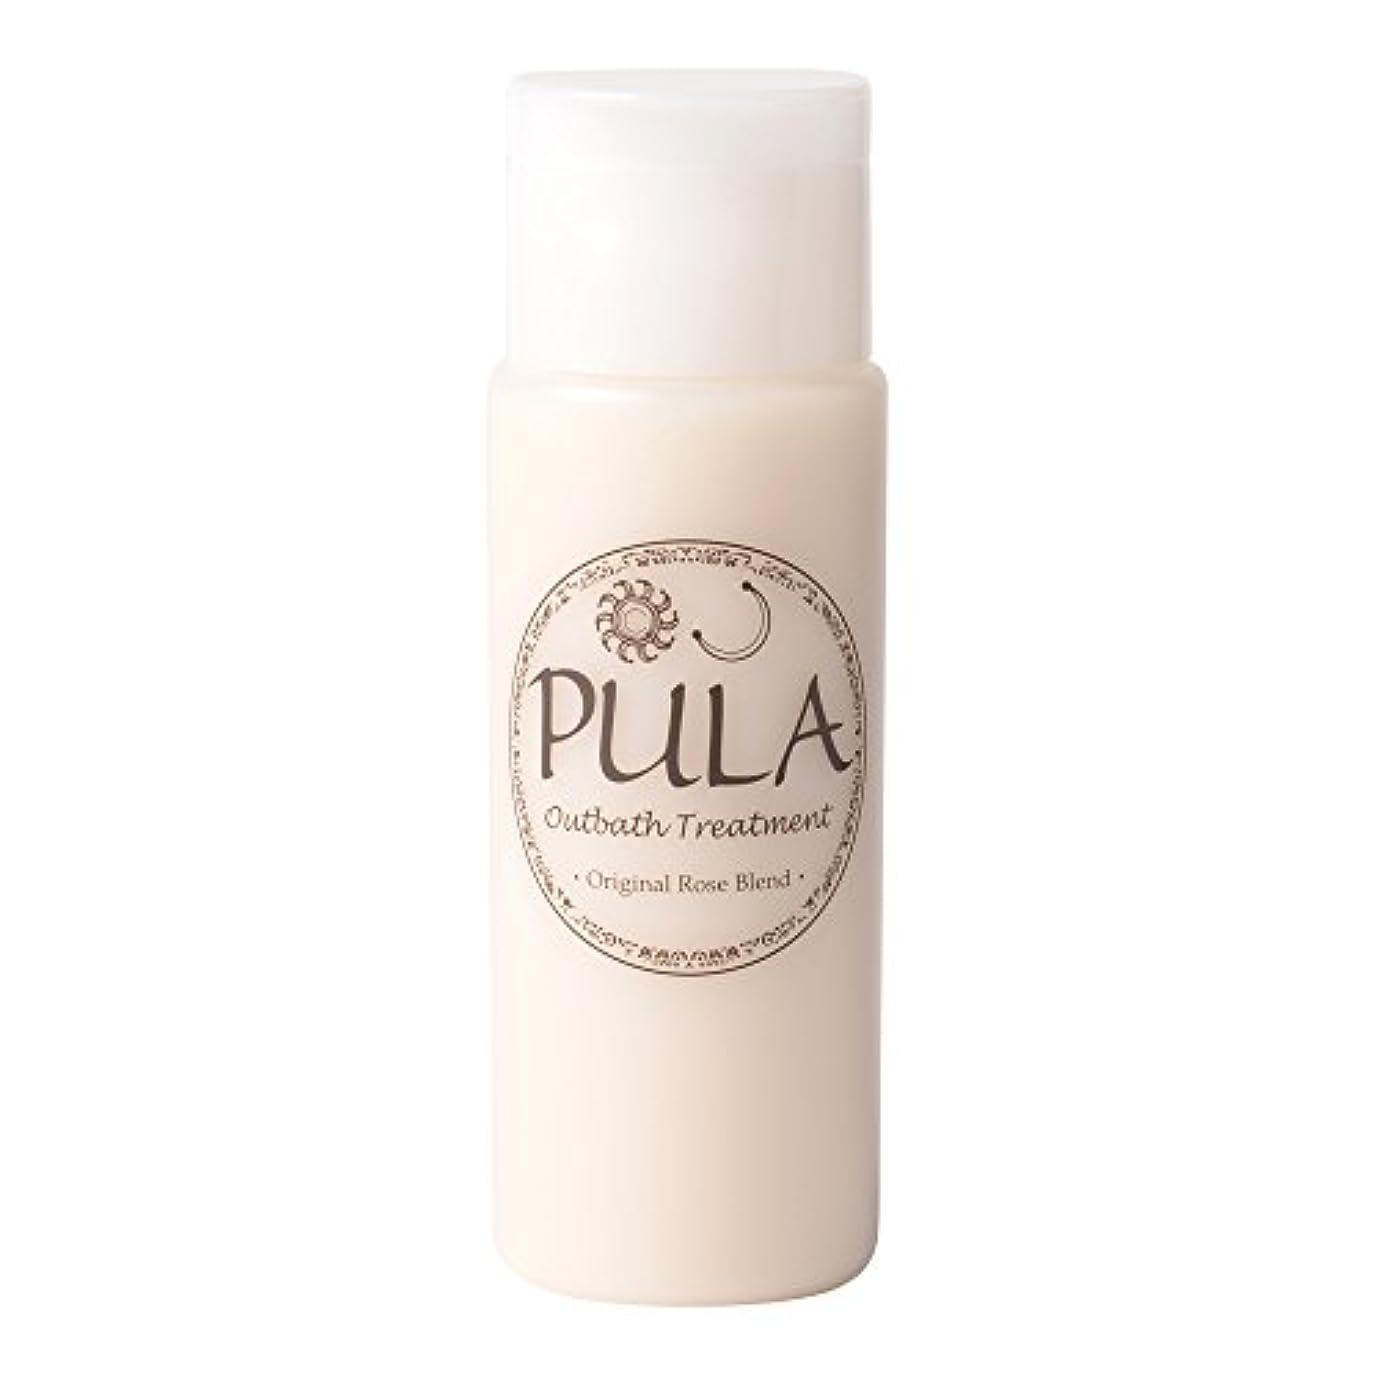 とげ閃光篭プーラ アウトバストリートメント 150mL 【ローズの香り】洗い流さないタイプのトリートメント  ヘッドスパ専門店 PULA